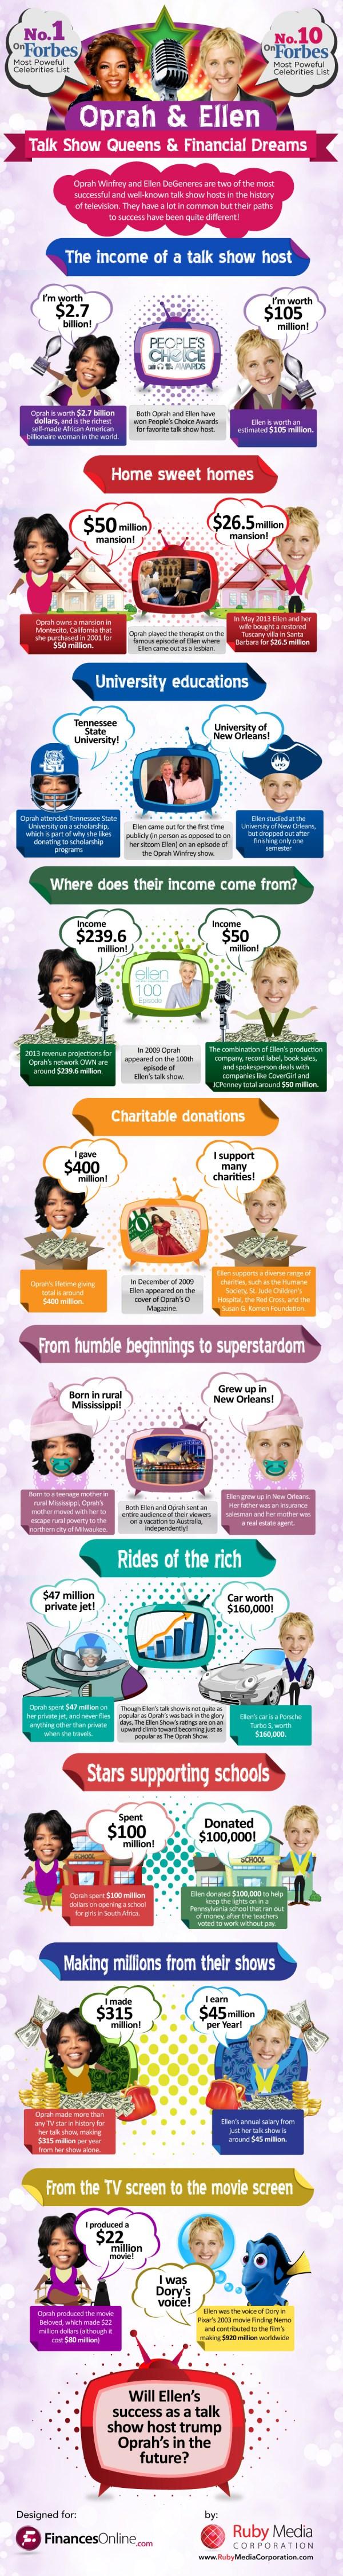 Oprah Winfrey and Ellen DeGeneres - Talk Show Queens & Financial Dreams